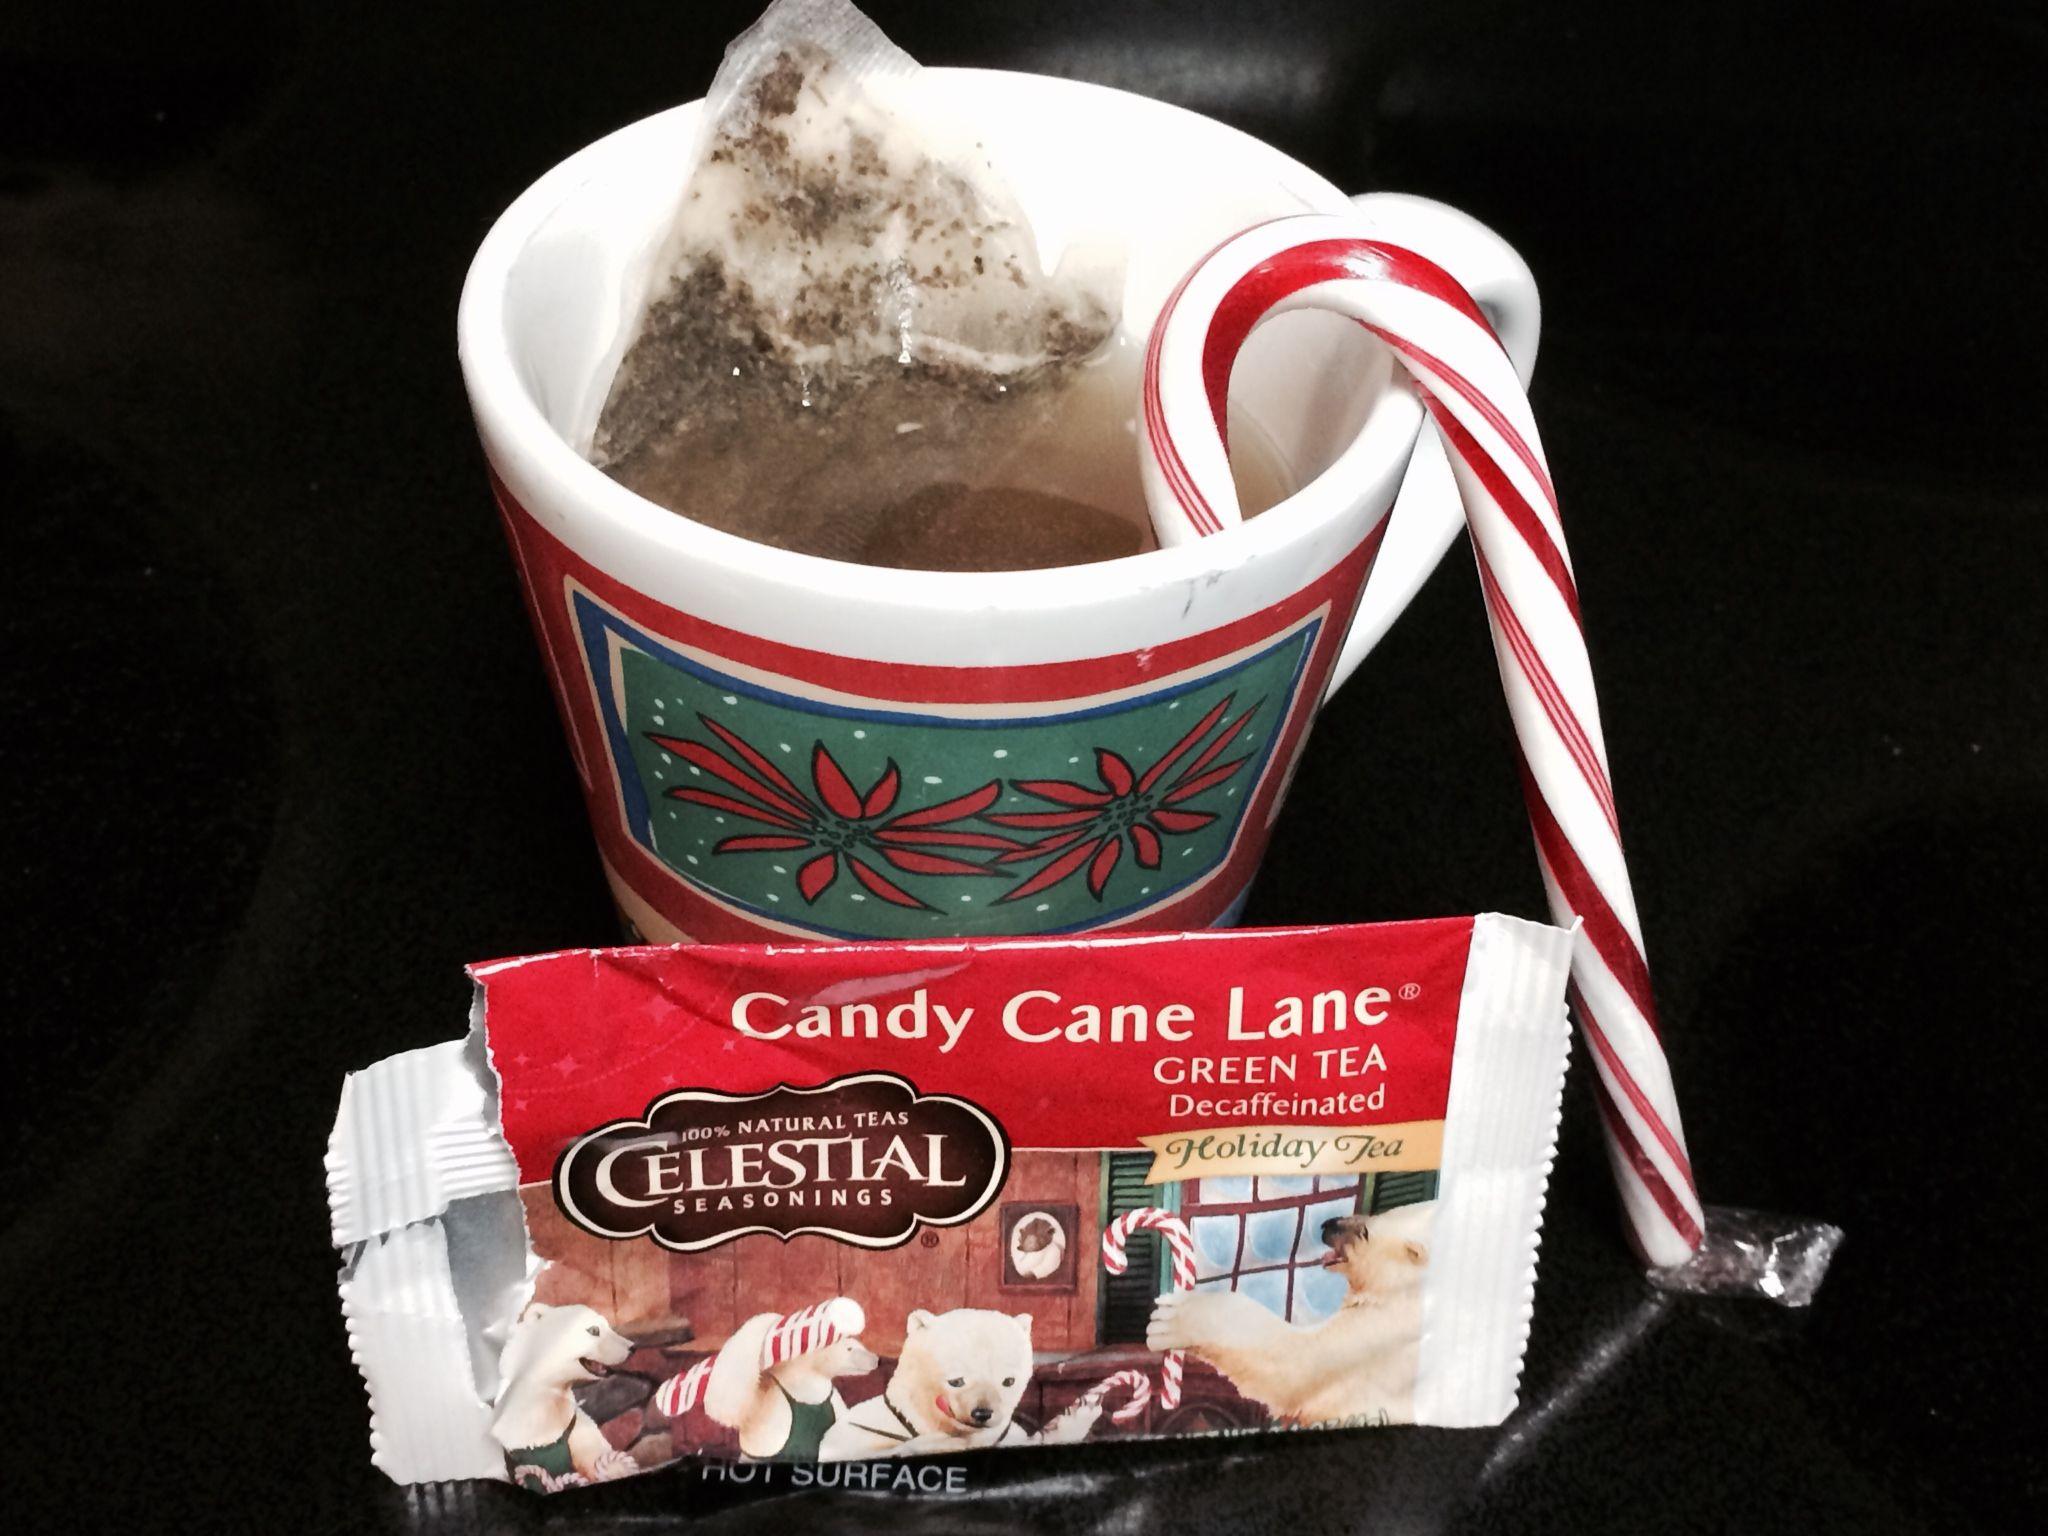 Warm Cup of Candy Cane Lane Green Tea CelestialTea